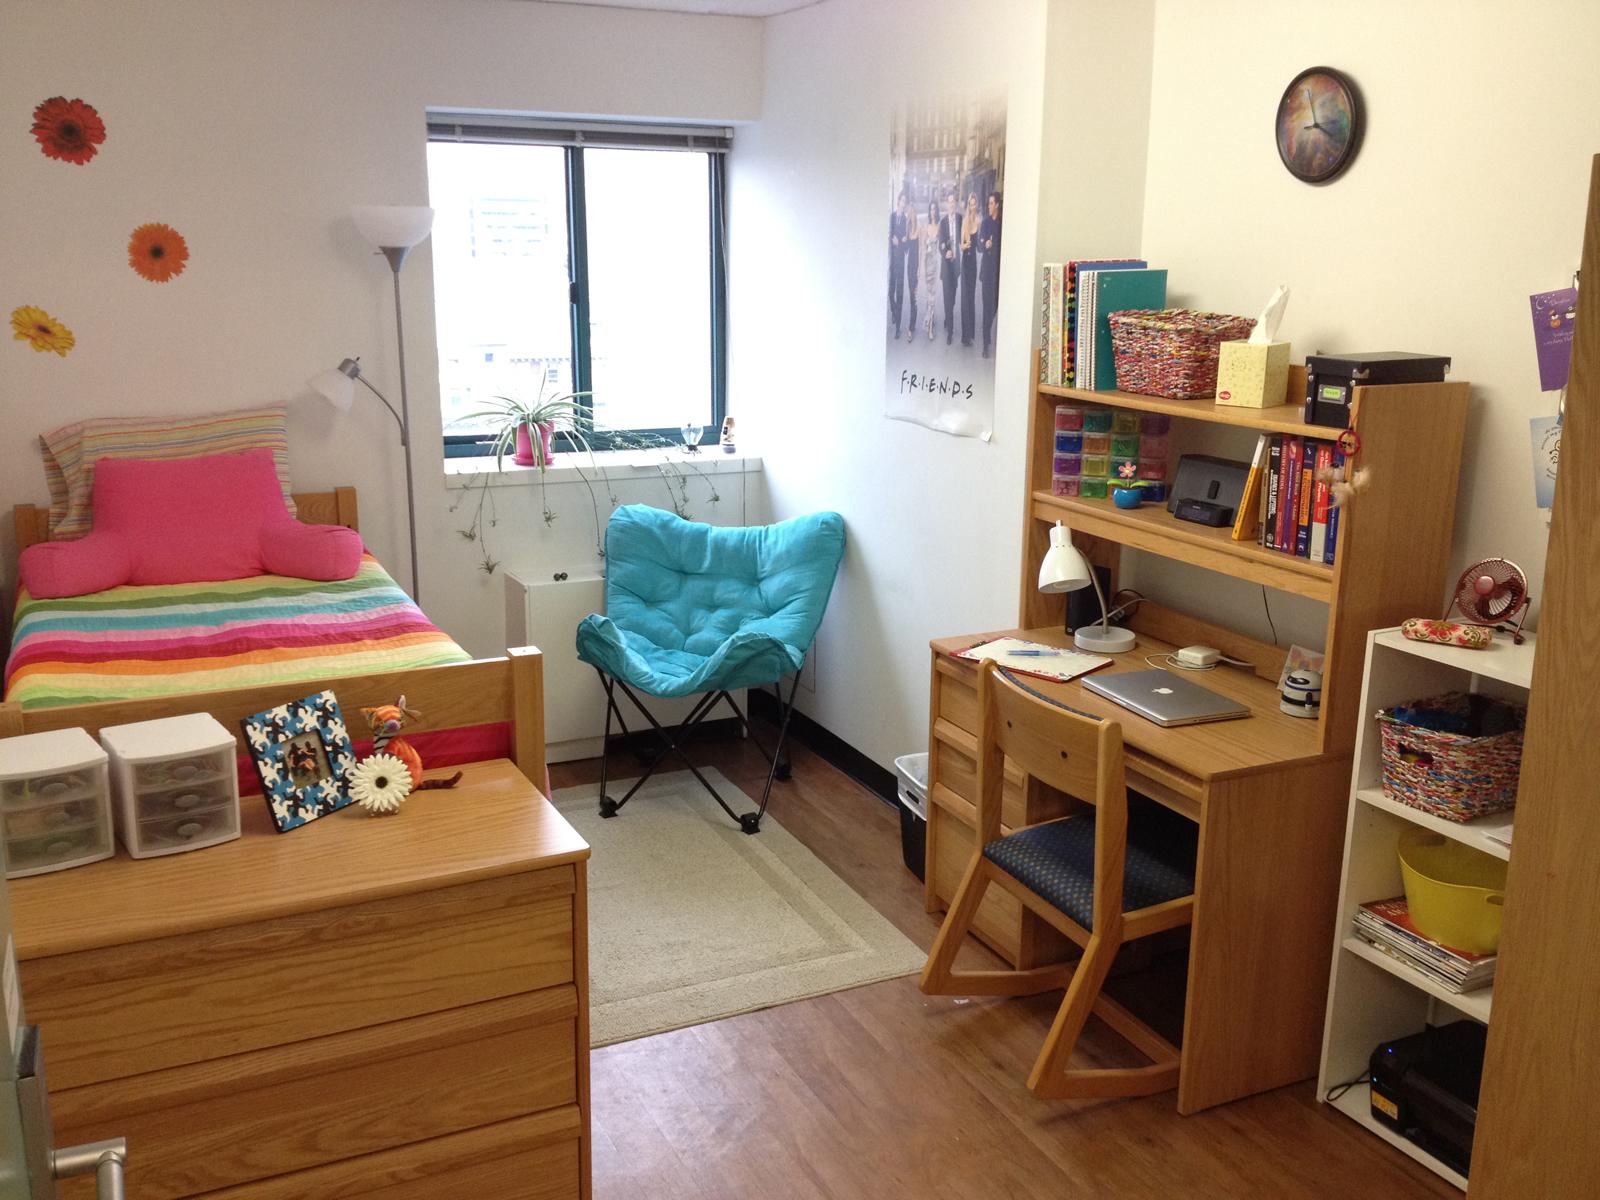 Décorer Sa Chambre Pour Pas Cher 5 idées pratiques pour décorer une chambre d'étudiant